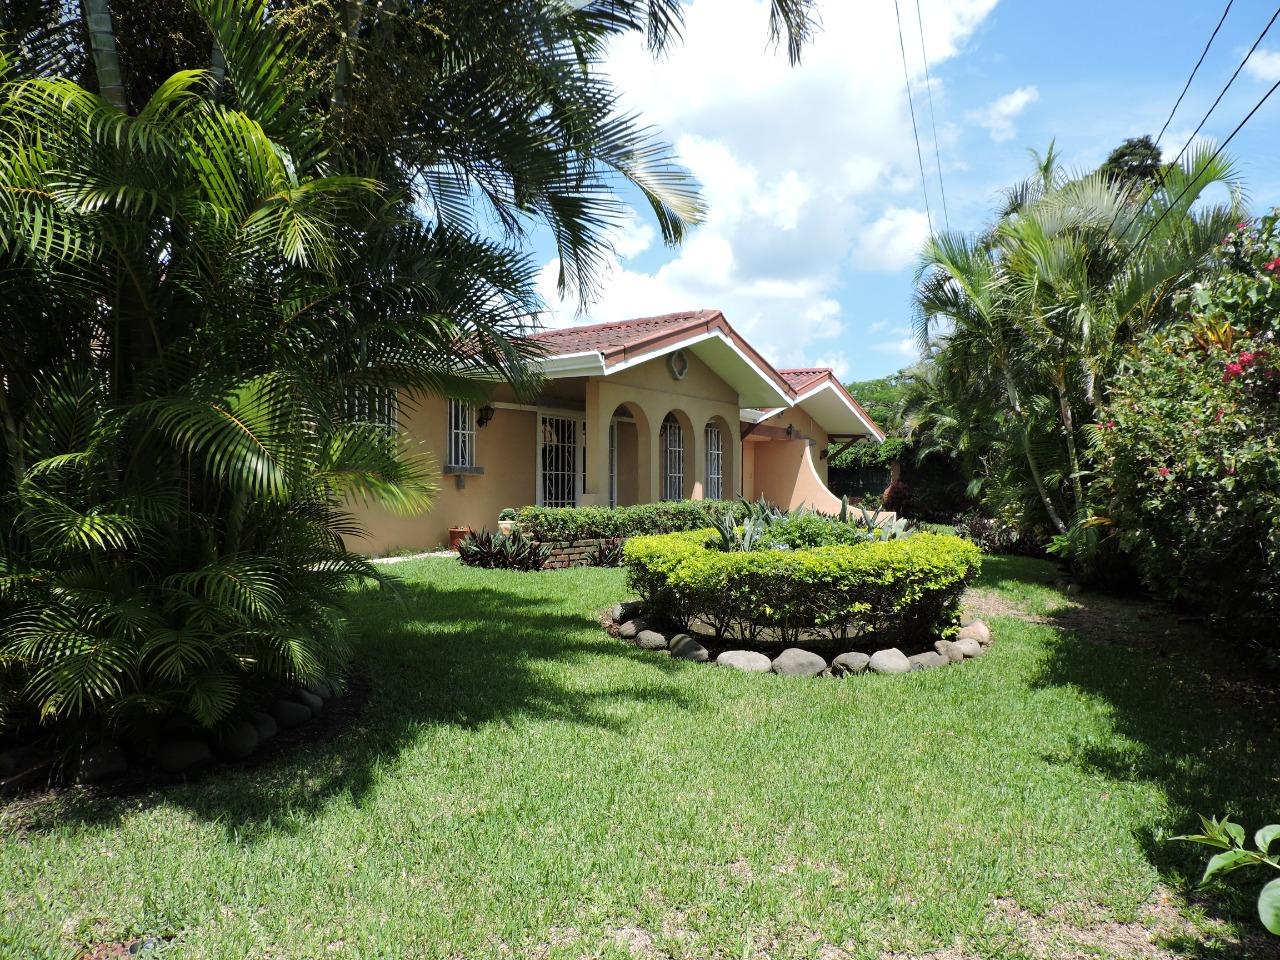 2424 Se Vende casa en Los Laureles una planta.